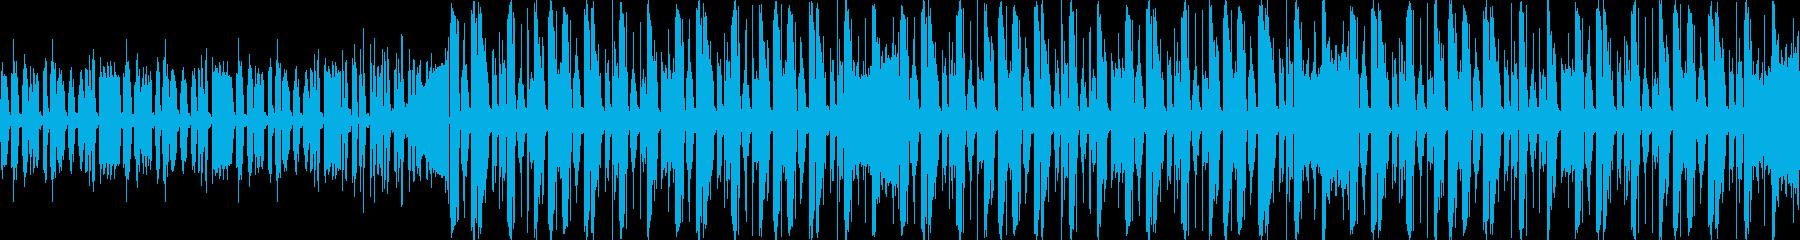 【kawaii/EDM/ポップ】の再生済みの波形